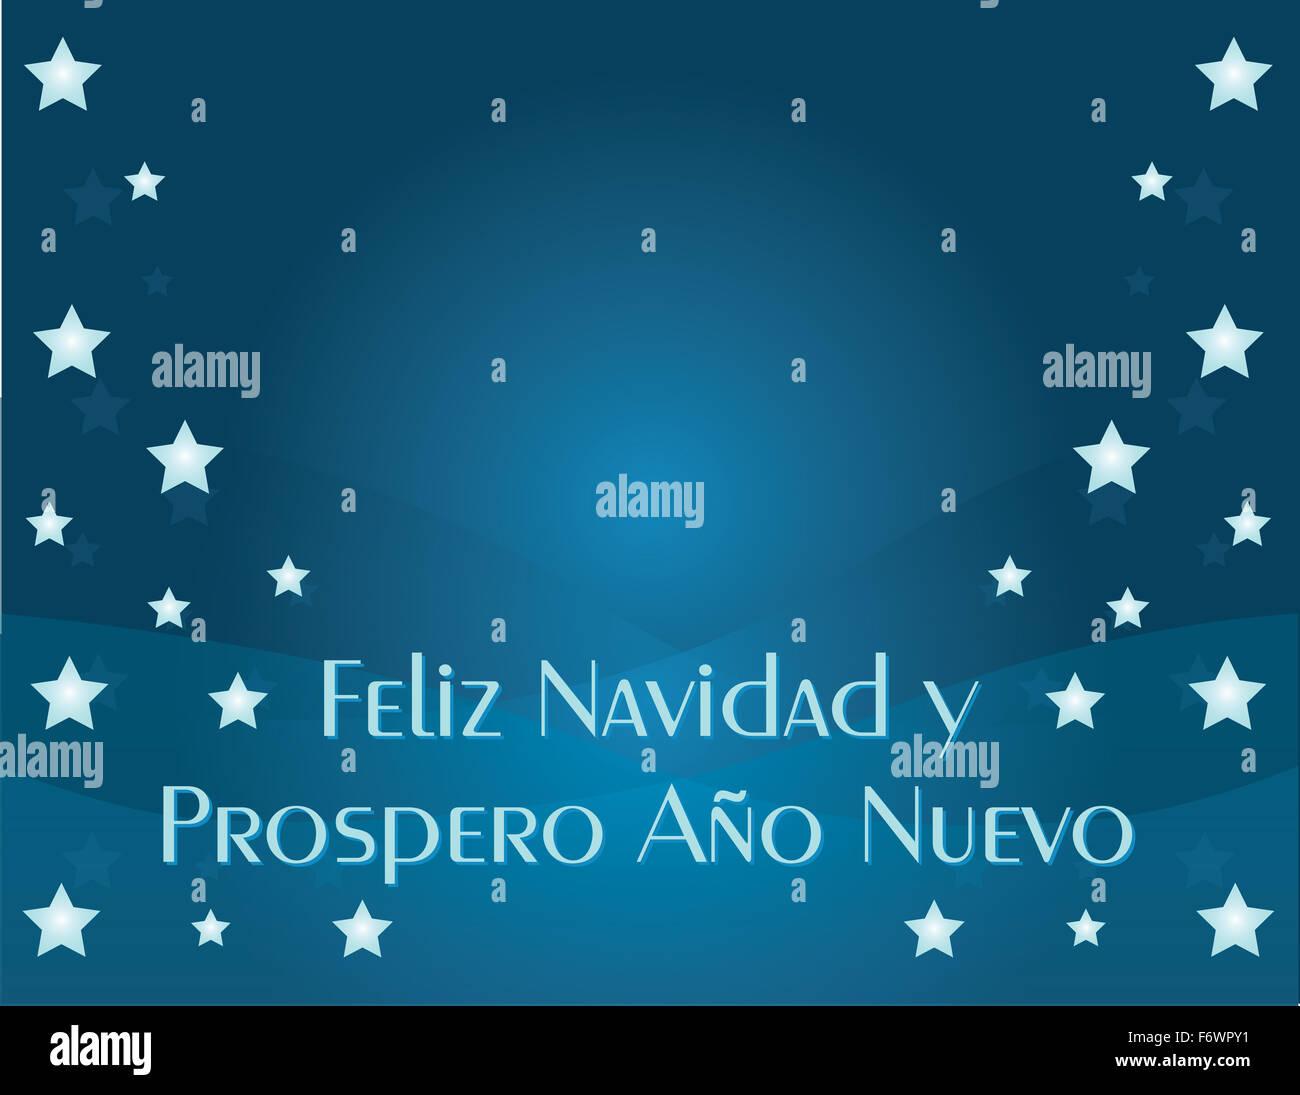 Feliz Navidad y Prospero Ano Nuevo Imagen De Stock